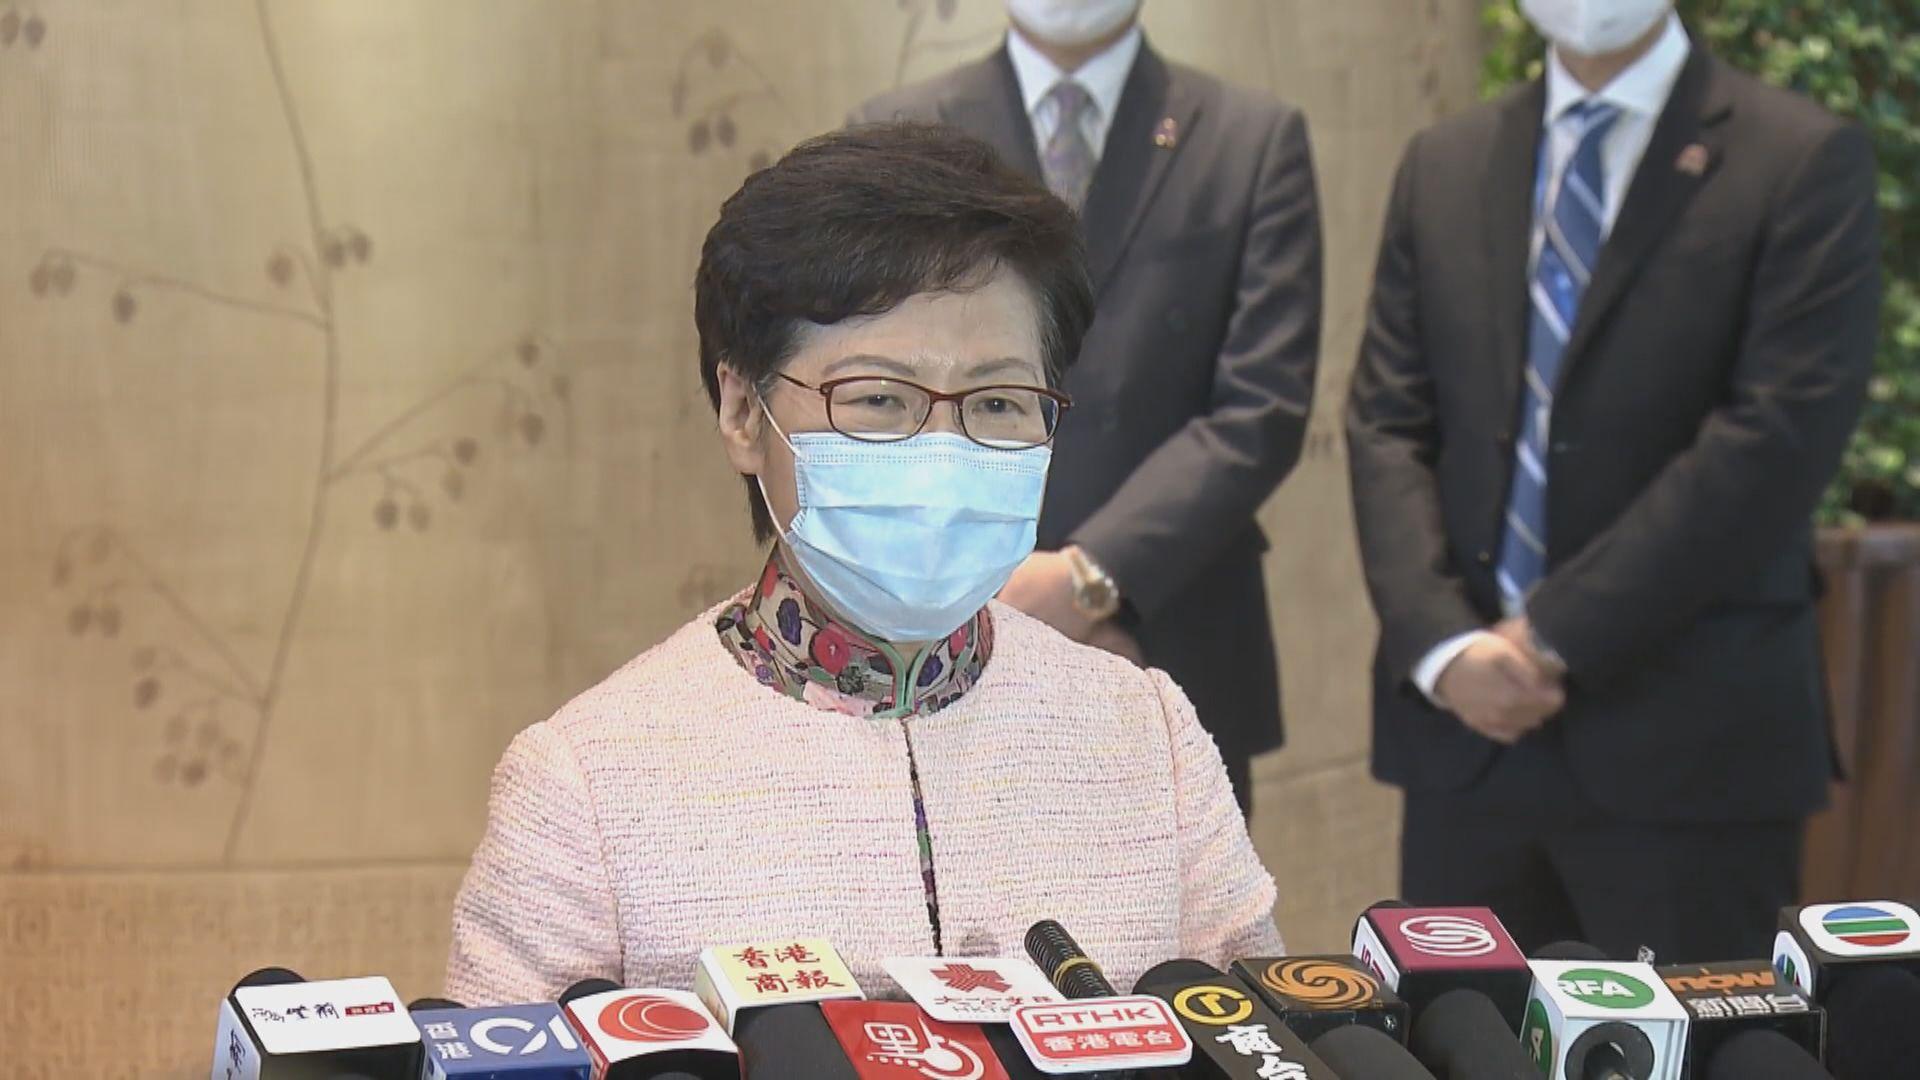 林鄭月娥︰夏寶龍稱港區國安法有立竿見影效果